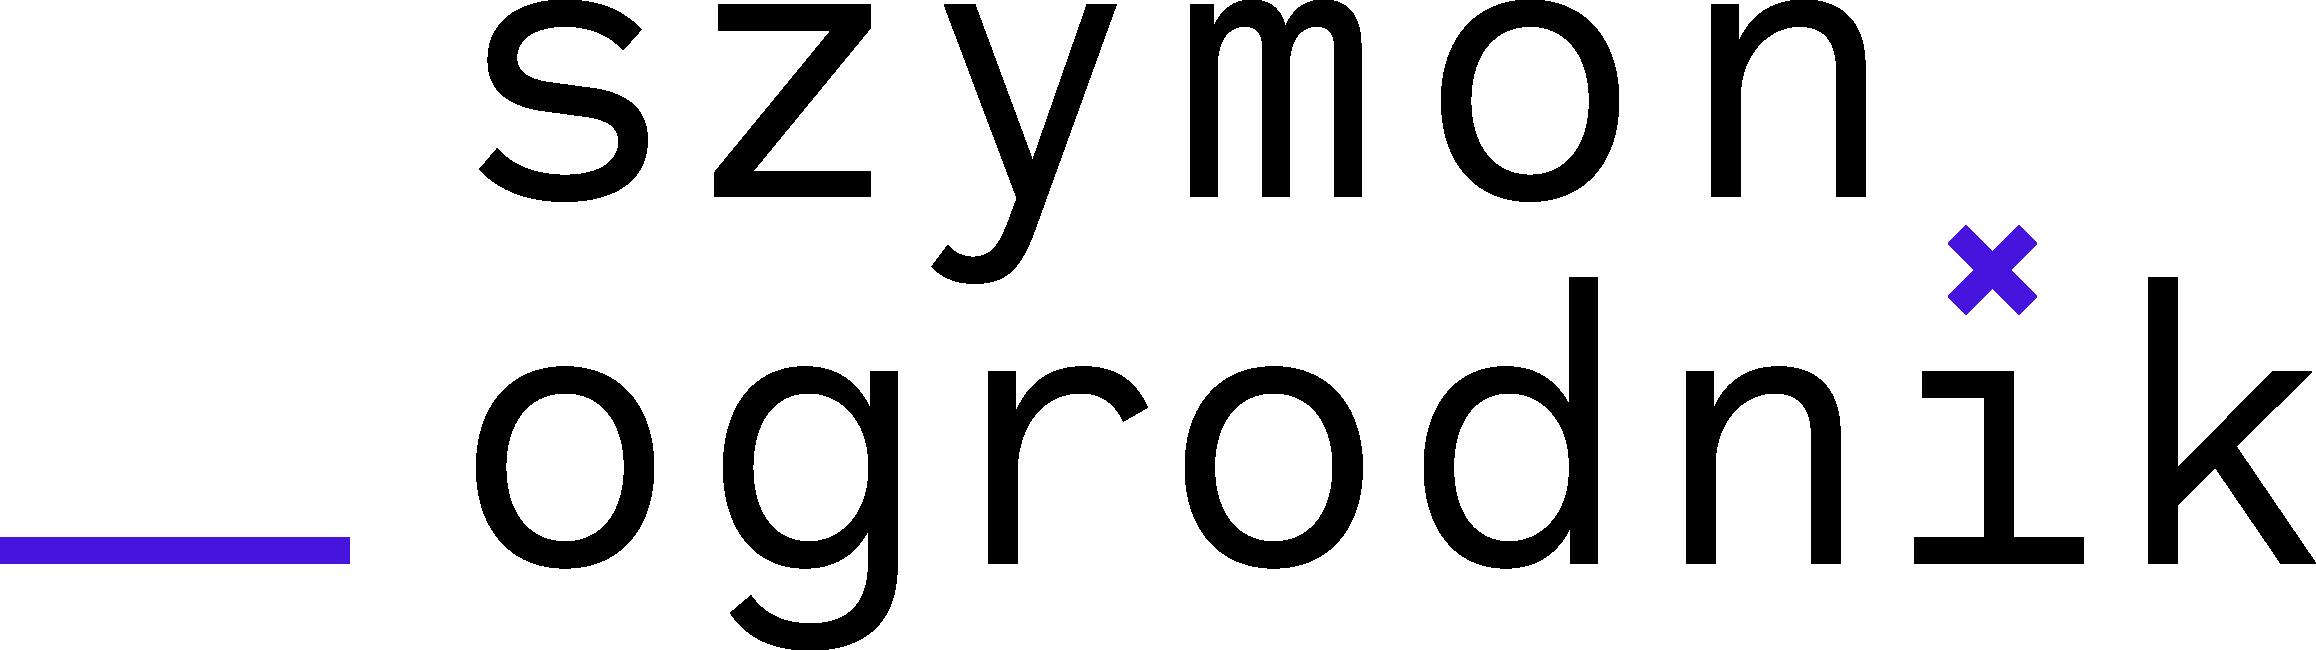 Szymon Ogrodnik